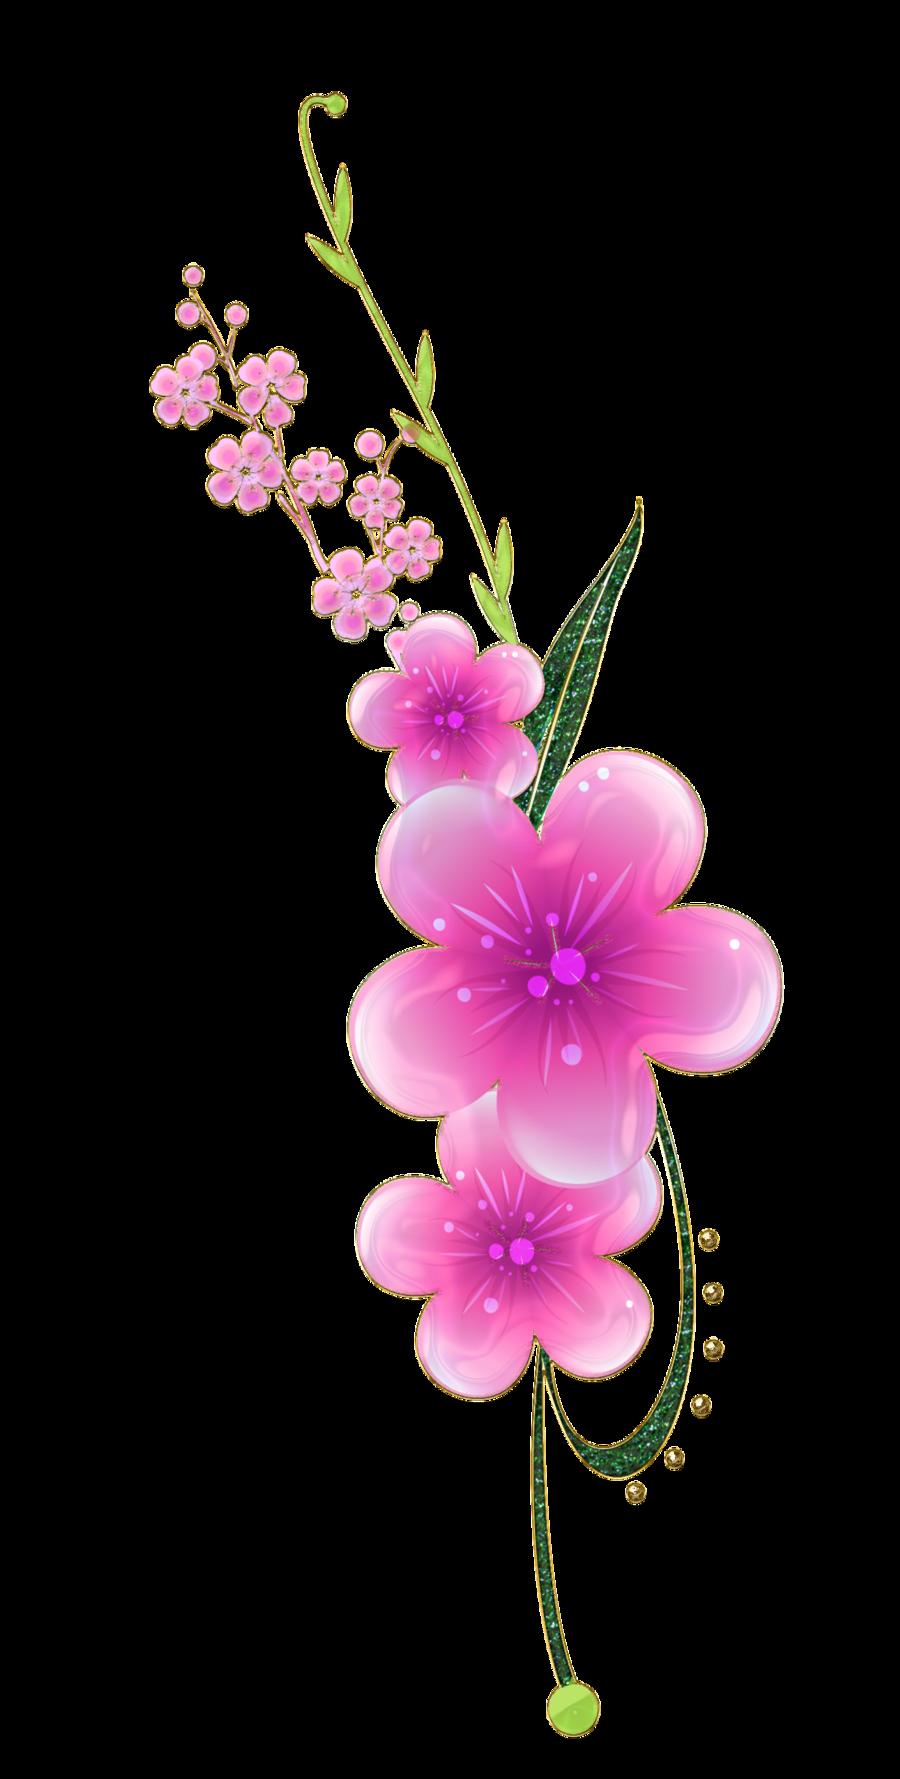 Sweet Pink Flowers\